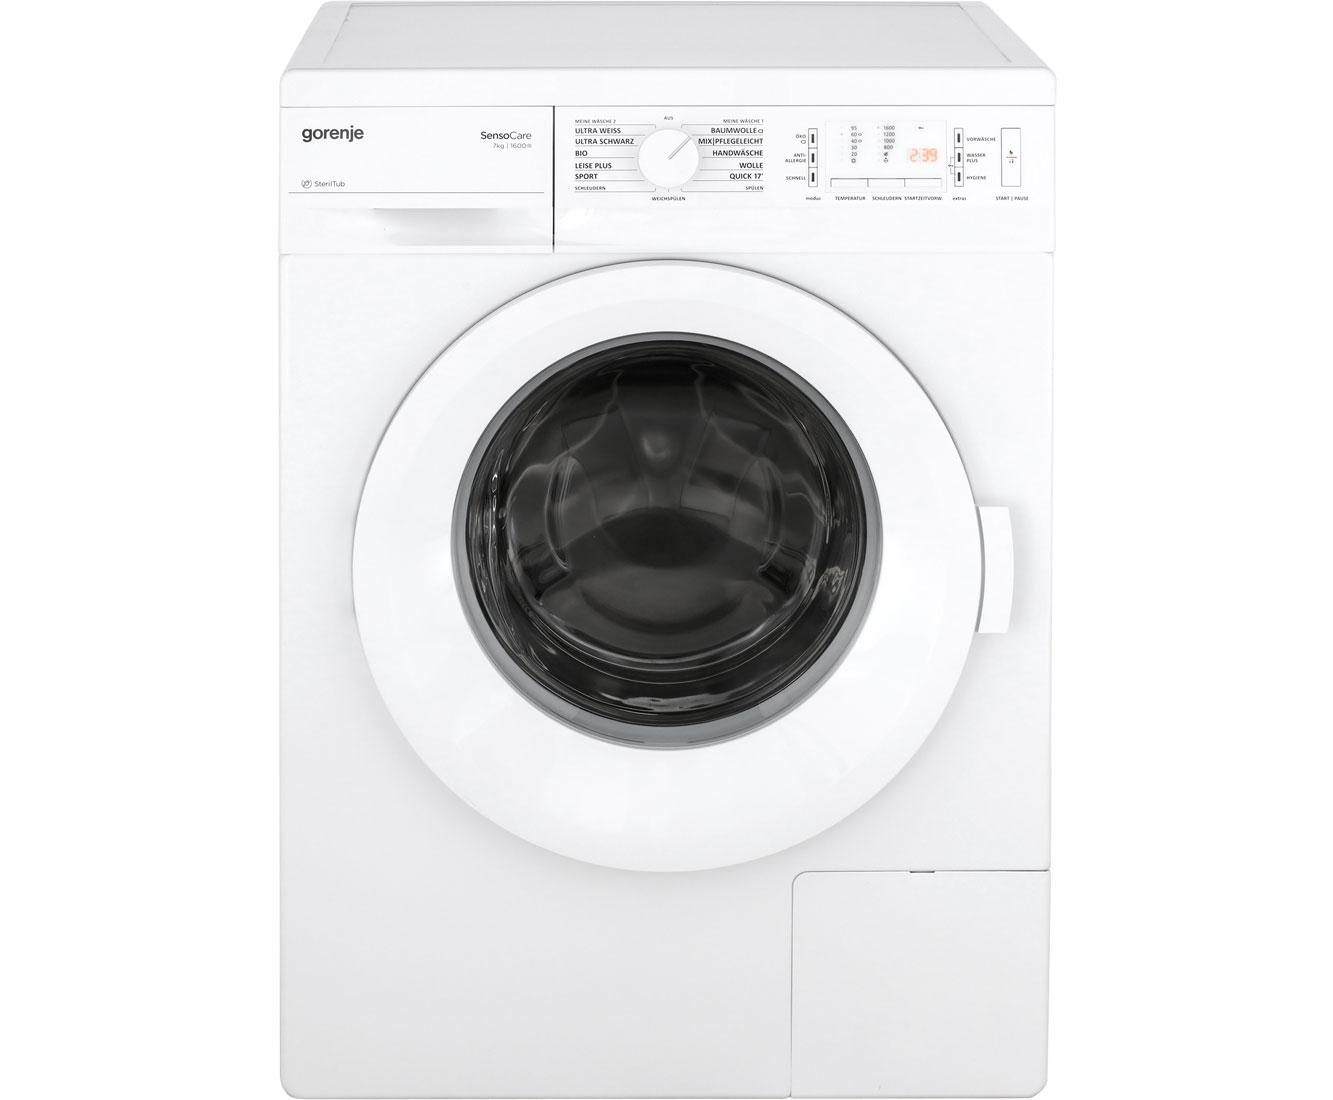 lg waschmaschine freistehend f 14b8 tda7h weiss von lg. Black Bedroom Furniture Sets. Home Design Ideas